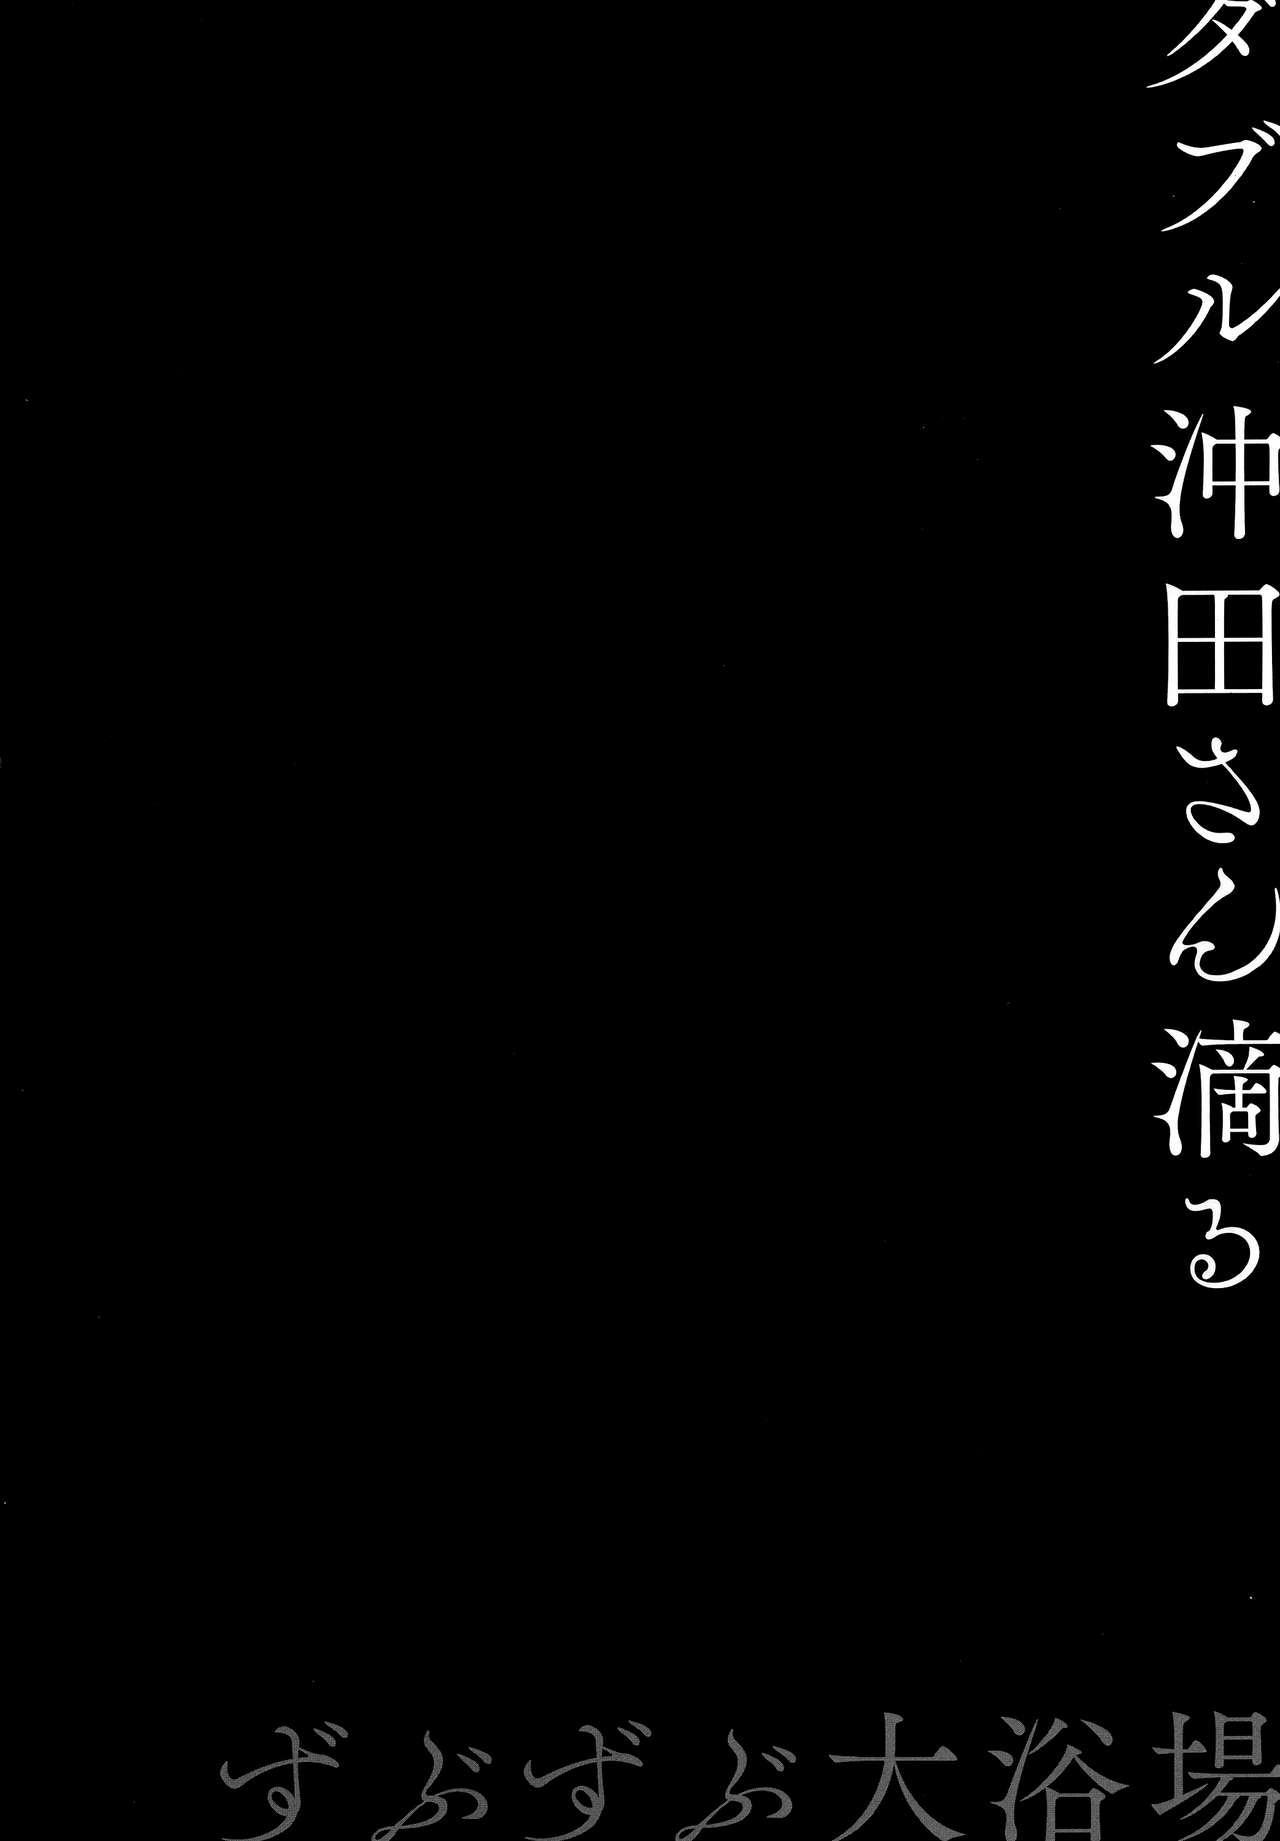 (C94) [Kinokonomi (konomi)] Double Okita-san Shitataru -Zubuzubu Daiyokujou- (Fate/Grand Order) [English] 2